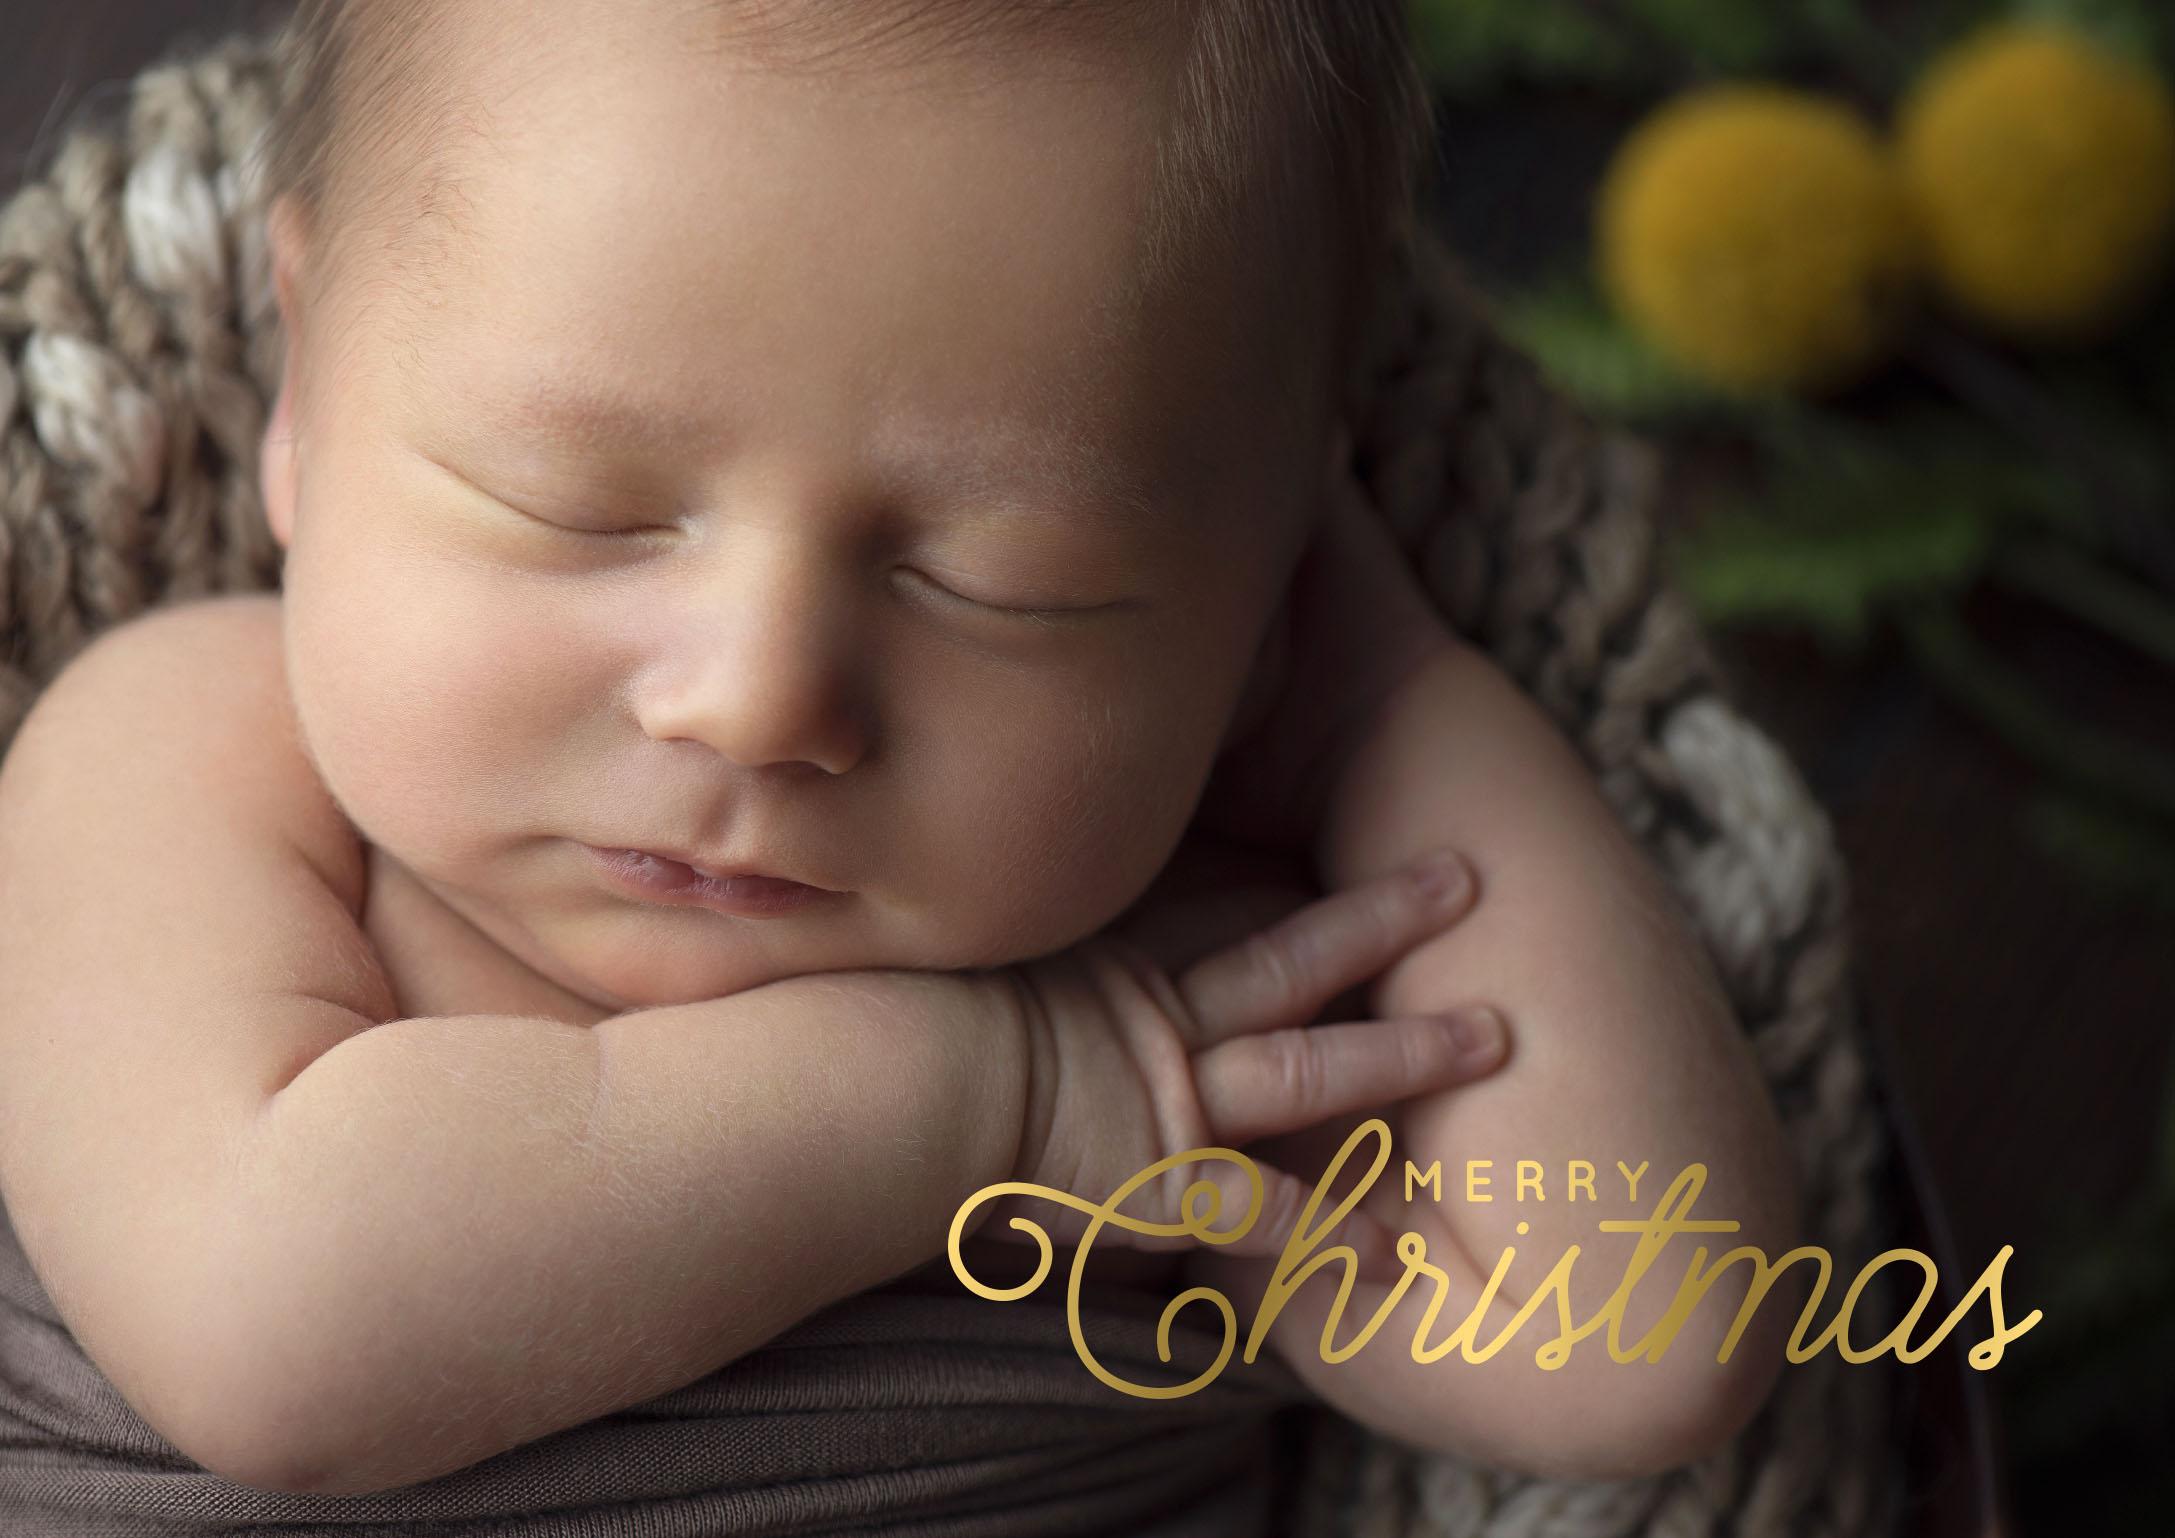 Merry Christmas Christmas card